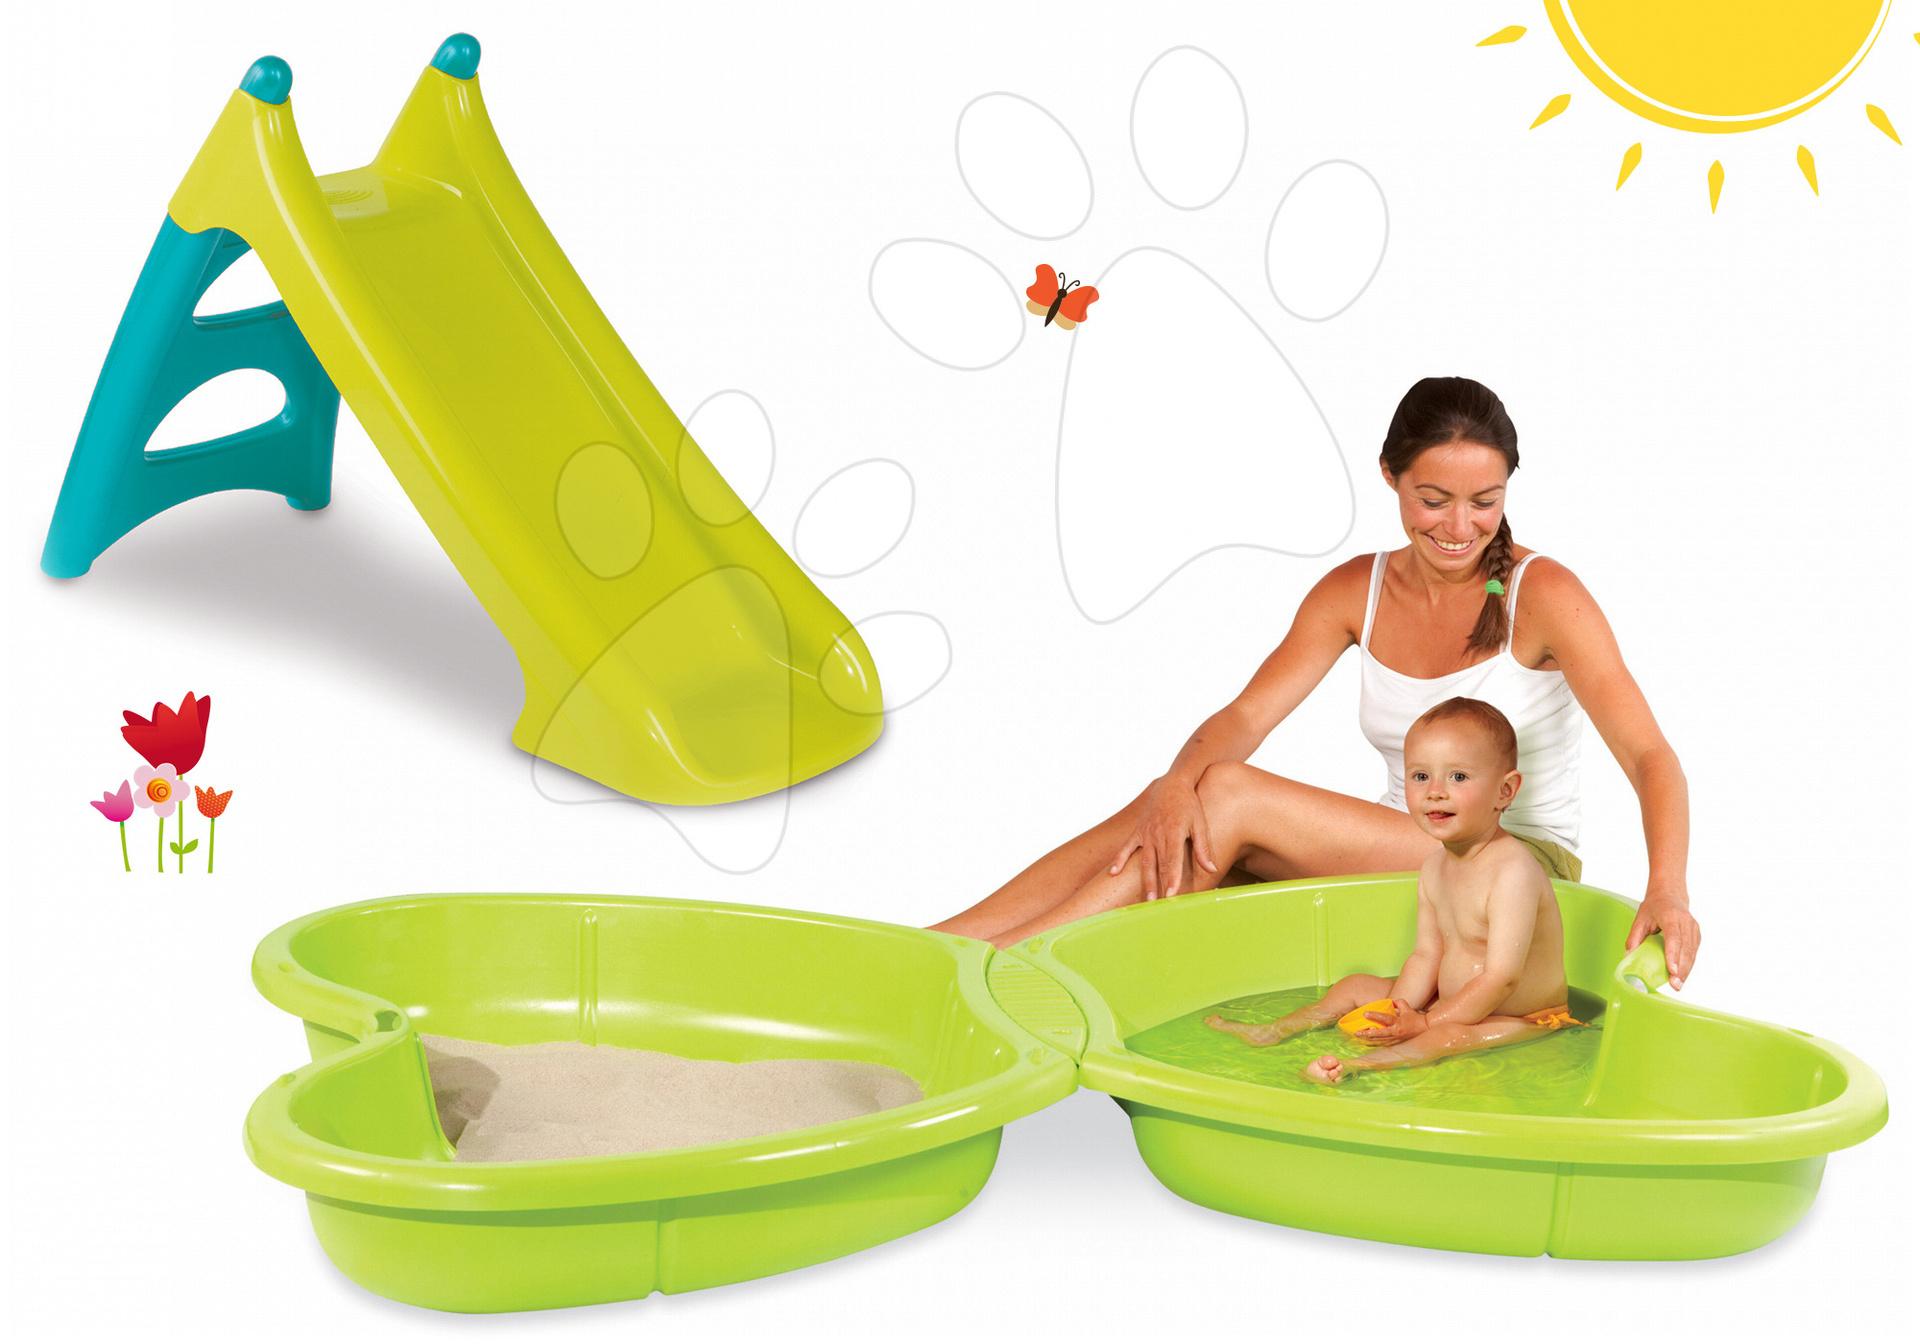 Smoby pieskovisko pre deti Motýľ a šmykľavka Toboggan 310143-4 zelené